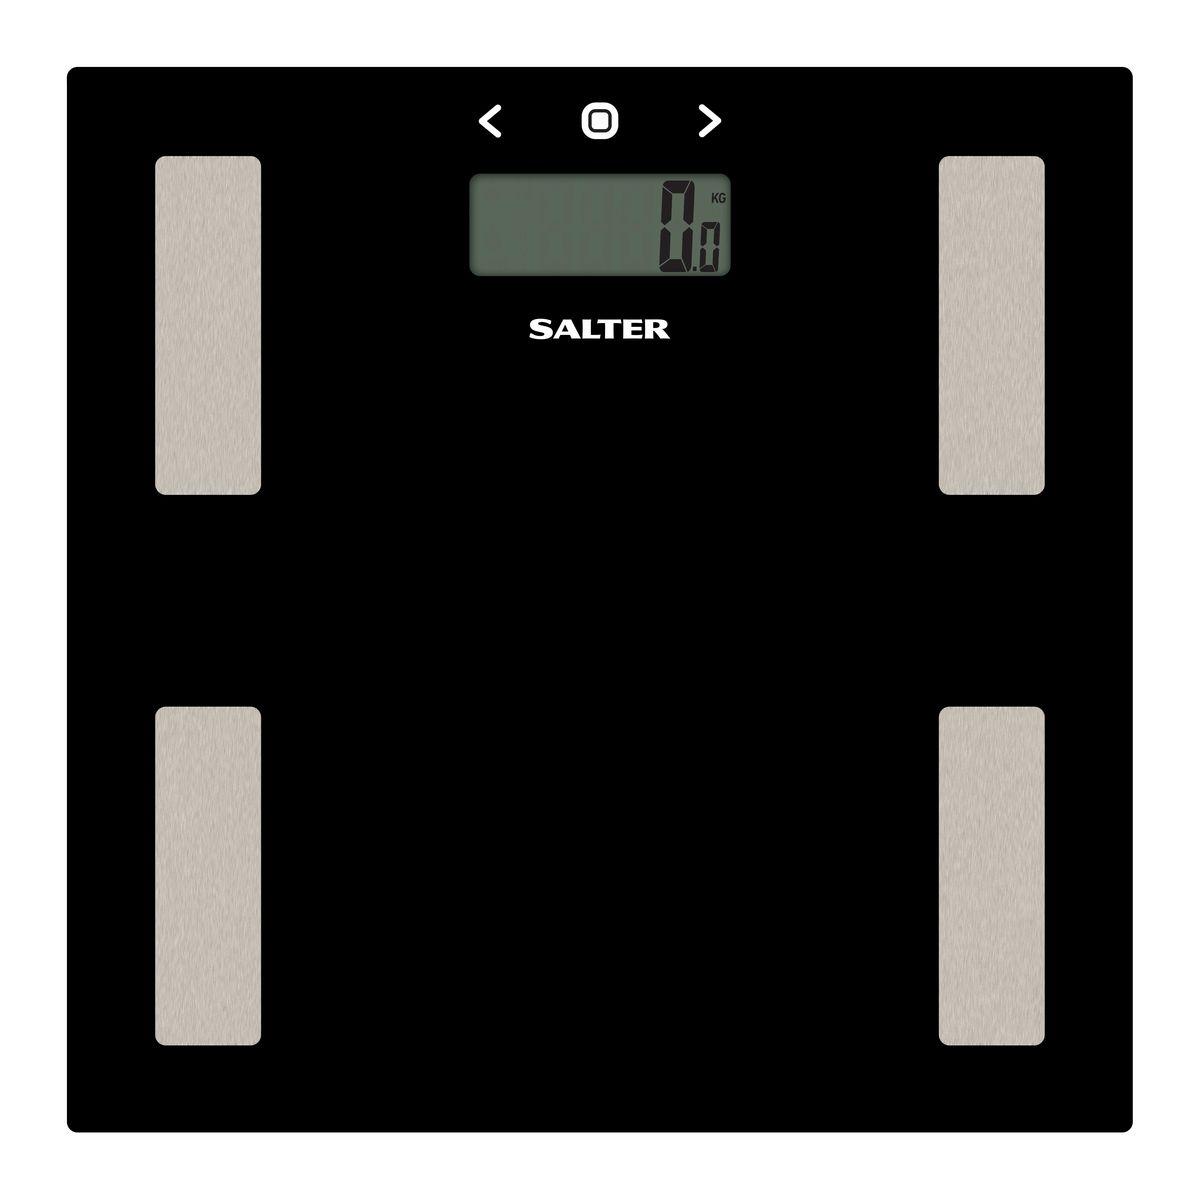 Salter 9150 BK3R напольные весы9150 BK3RДиагностические напольные весы Salter 9150 BK3R.Интеллектуальная шкала для точного мониторинга прогресса в весе для тех, кто тренируется. Сверхтонкая платформа - гладкий современный дизайн, тонкий корпус для удобного хранения. Быстрое измерение. Стильный цвет для поддержания дизайна интерьера вашей ванной комнаты. Специальные ножки для ковра в комплекте, чтобы точно измерять вес на ковре или других неровных поверхностях.